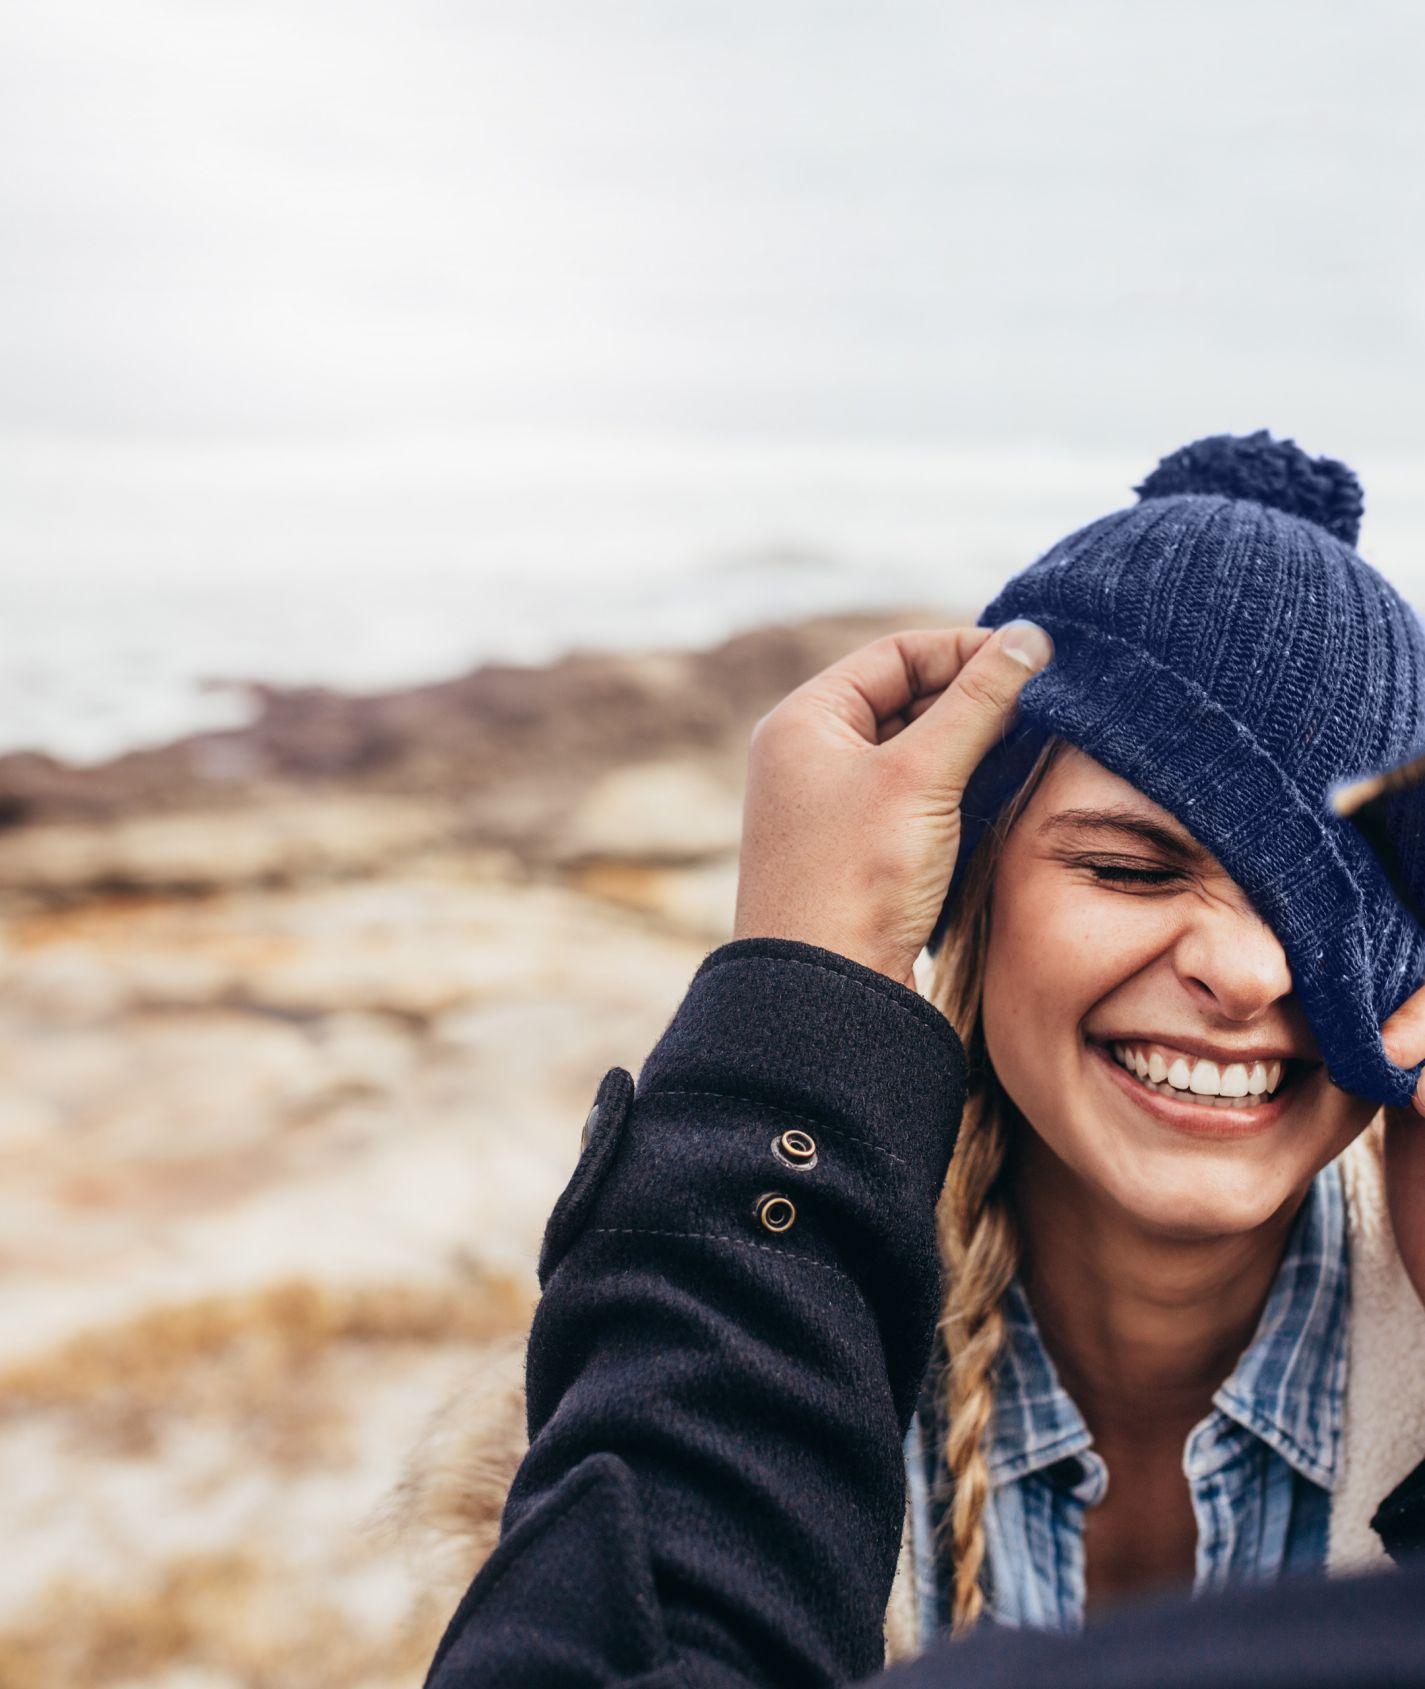 junge lachende Frau mit dunkelblauer Mütze